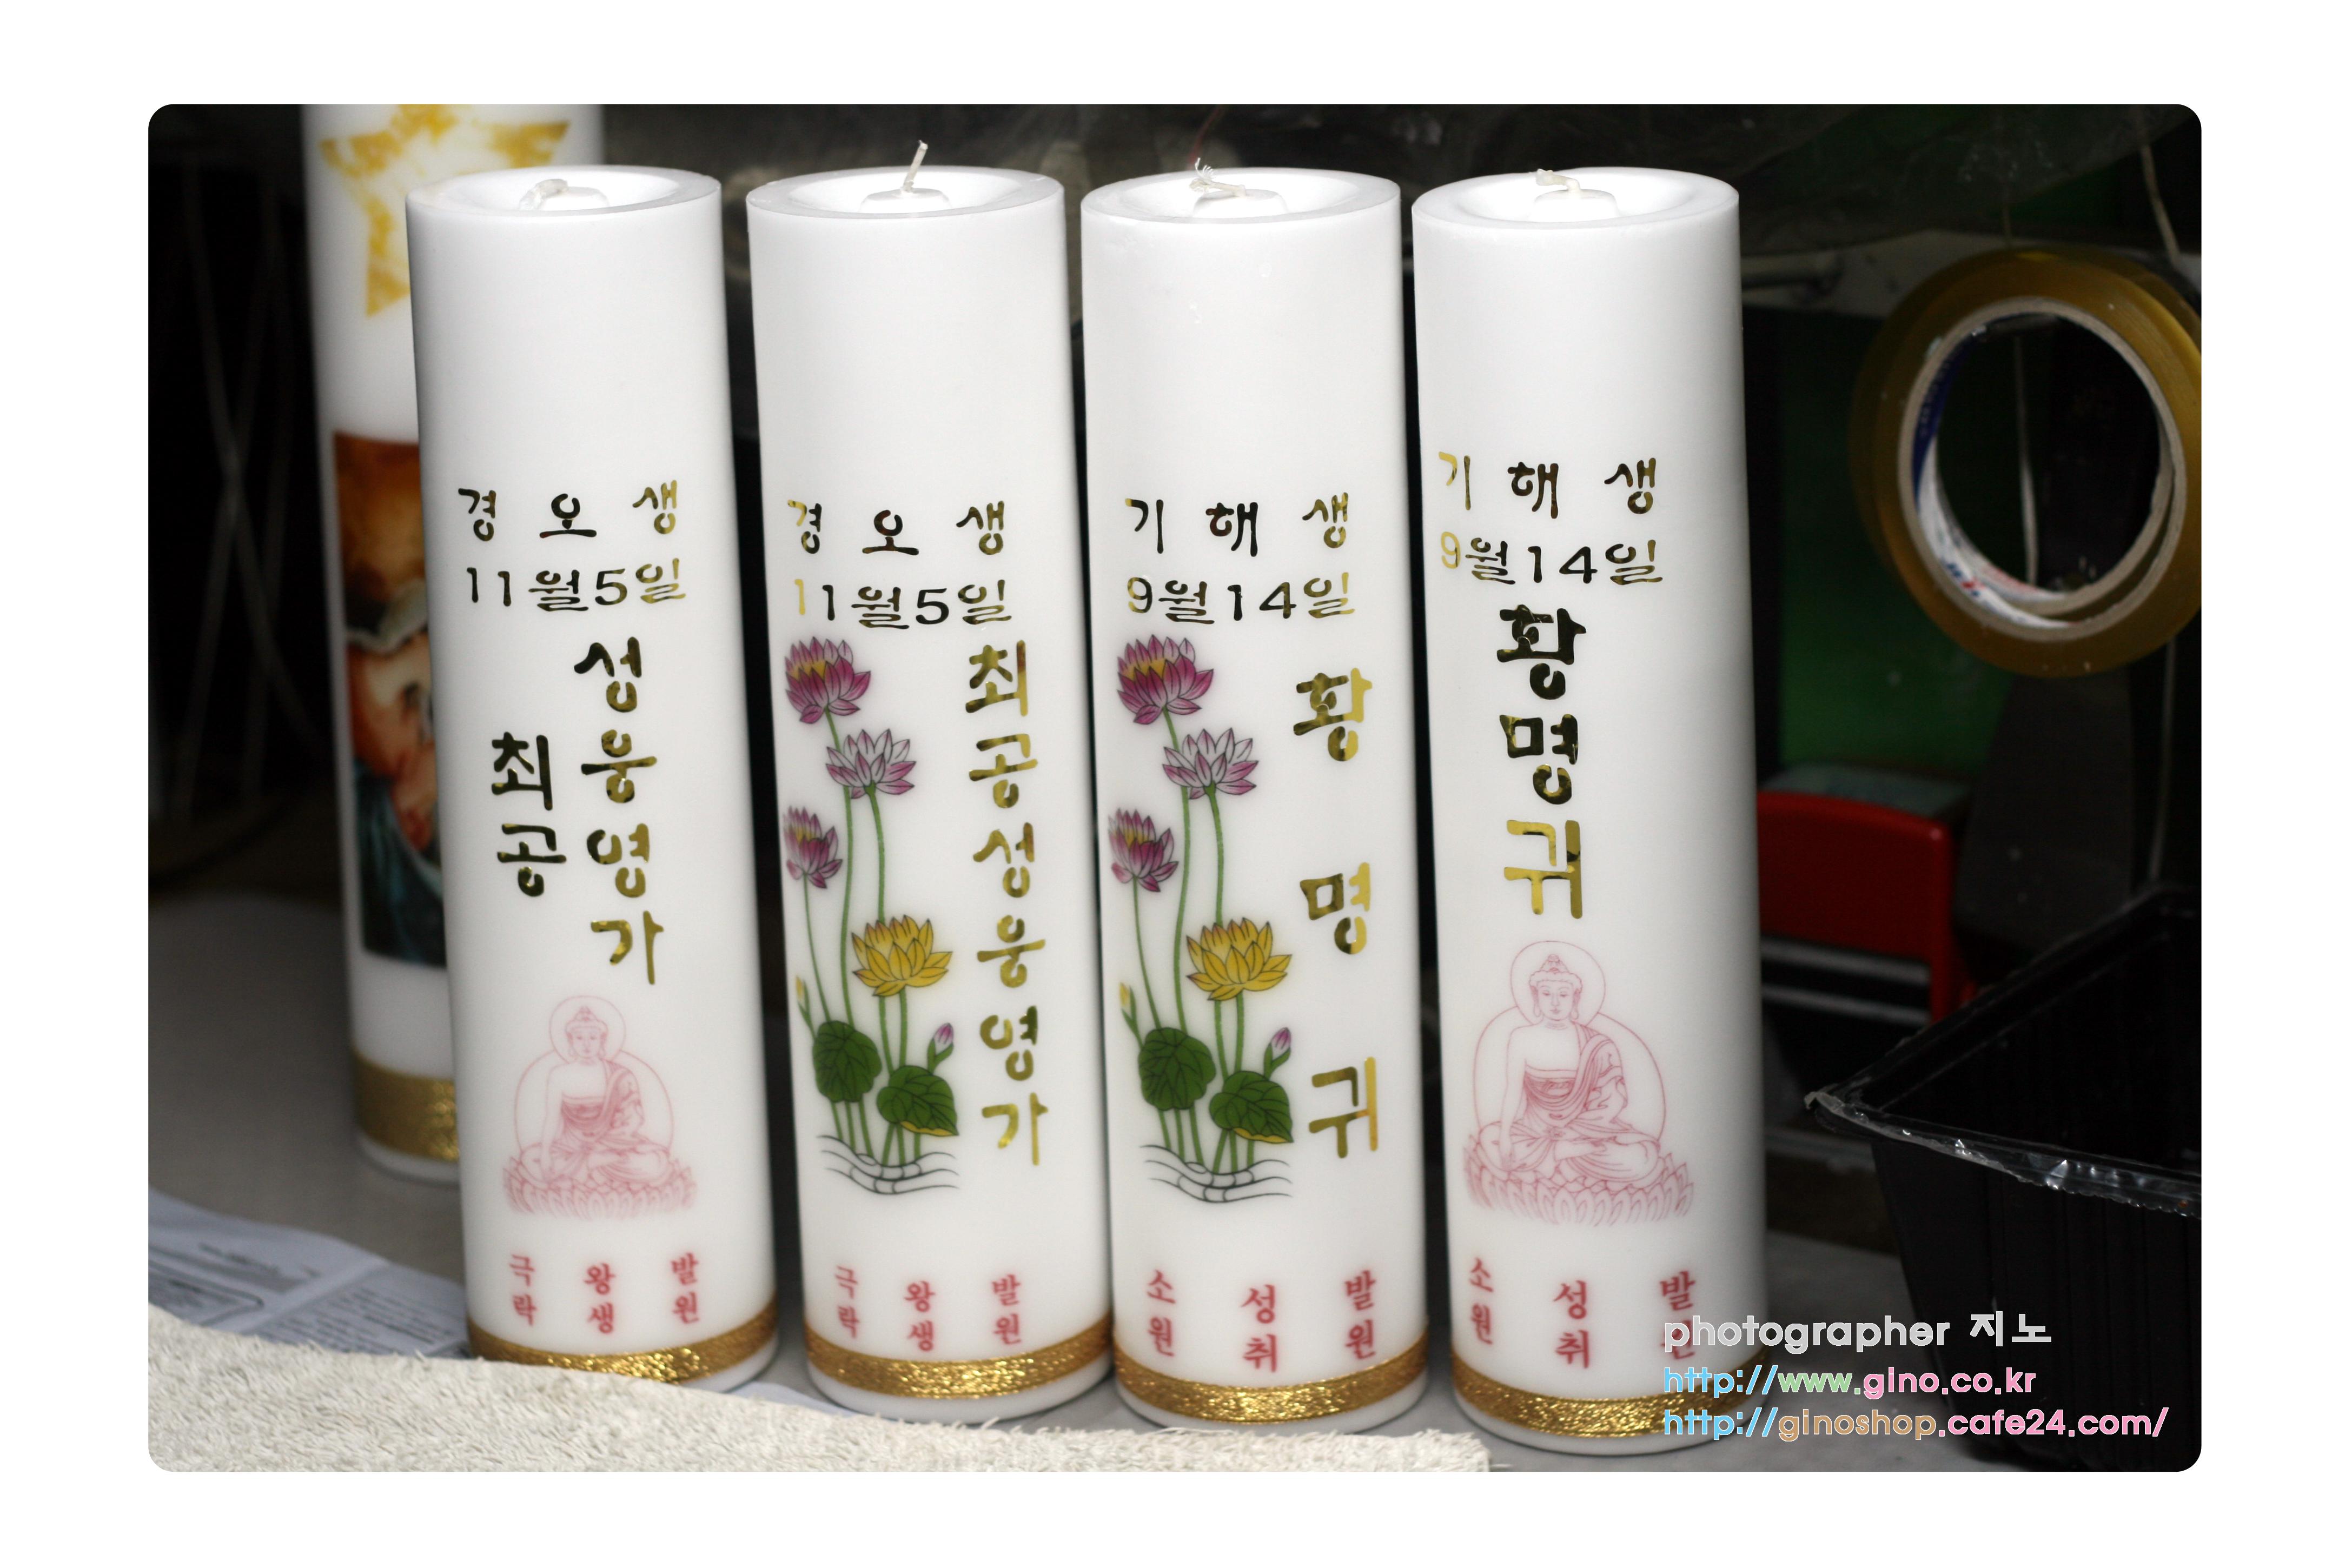 경오생 기해생 최공 성웅 영가 황명귀 극락 왕생 발원 불교 양초 캔들(금박 작업)